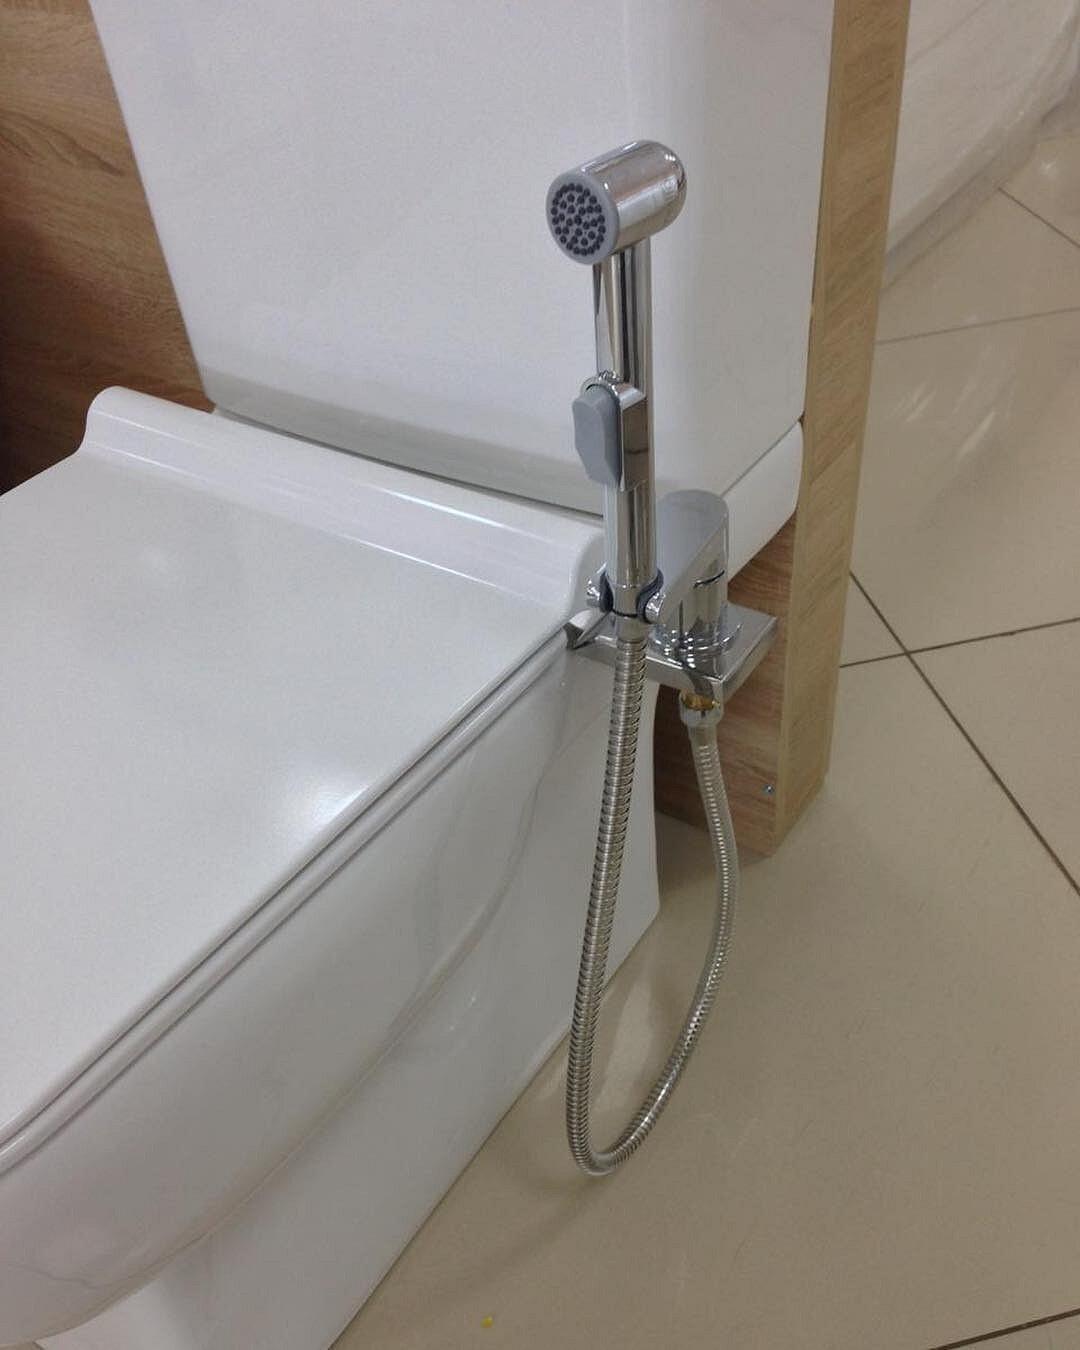 Гигиенический душ с термостатом: термостатический смеситель скрытого монтажа, как подключить встроенный вариант в туалете